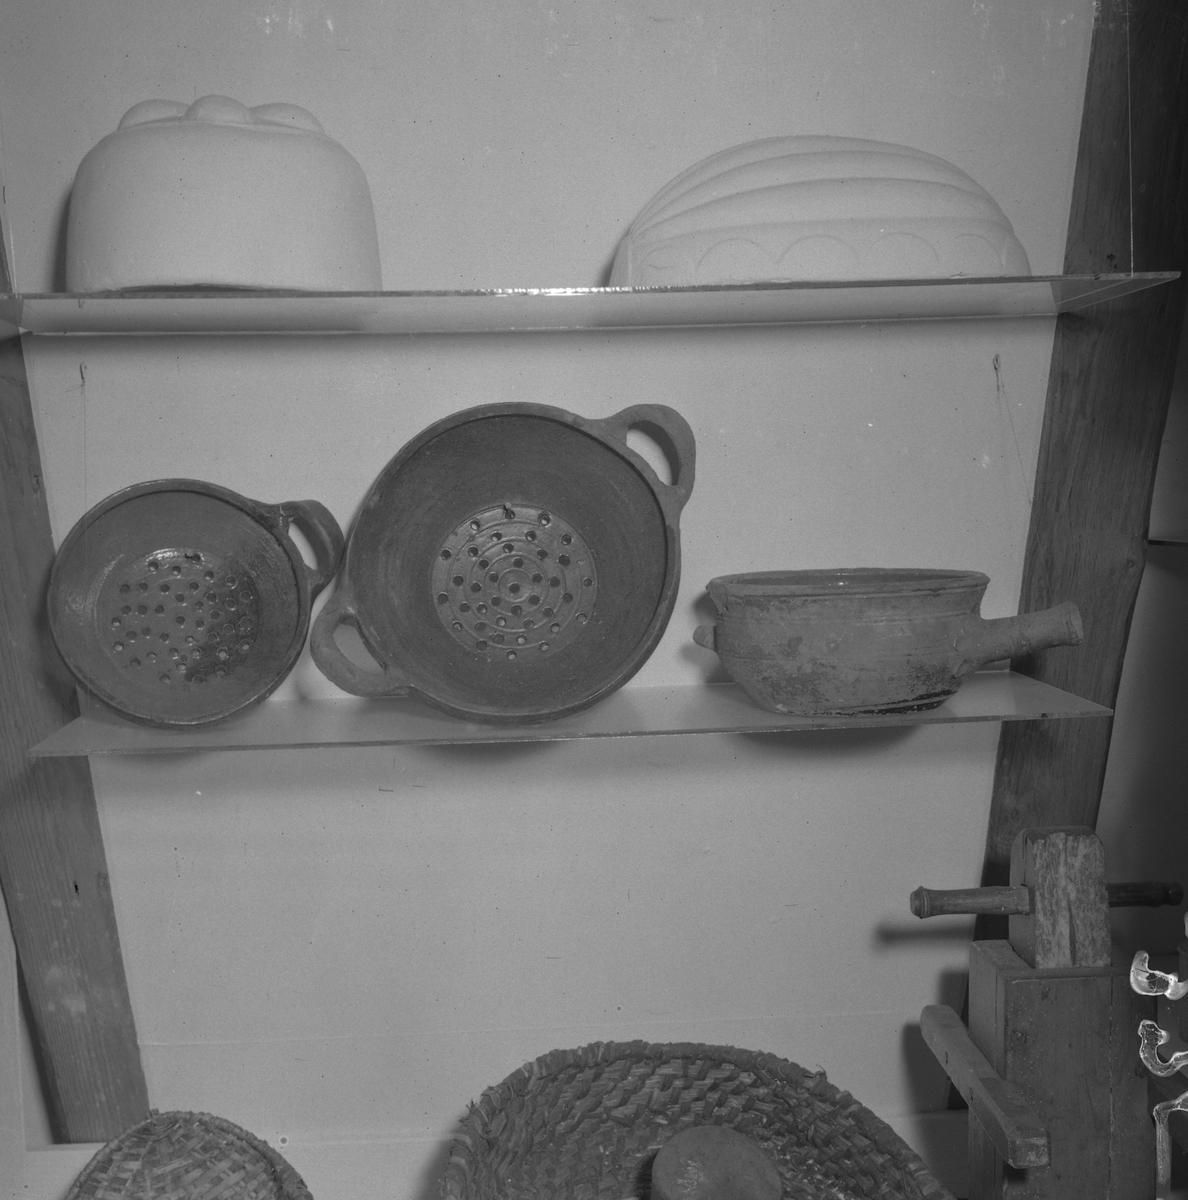 Durkslag i keramik.